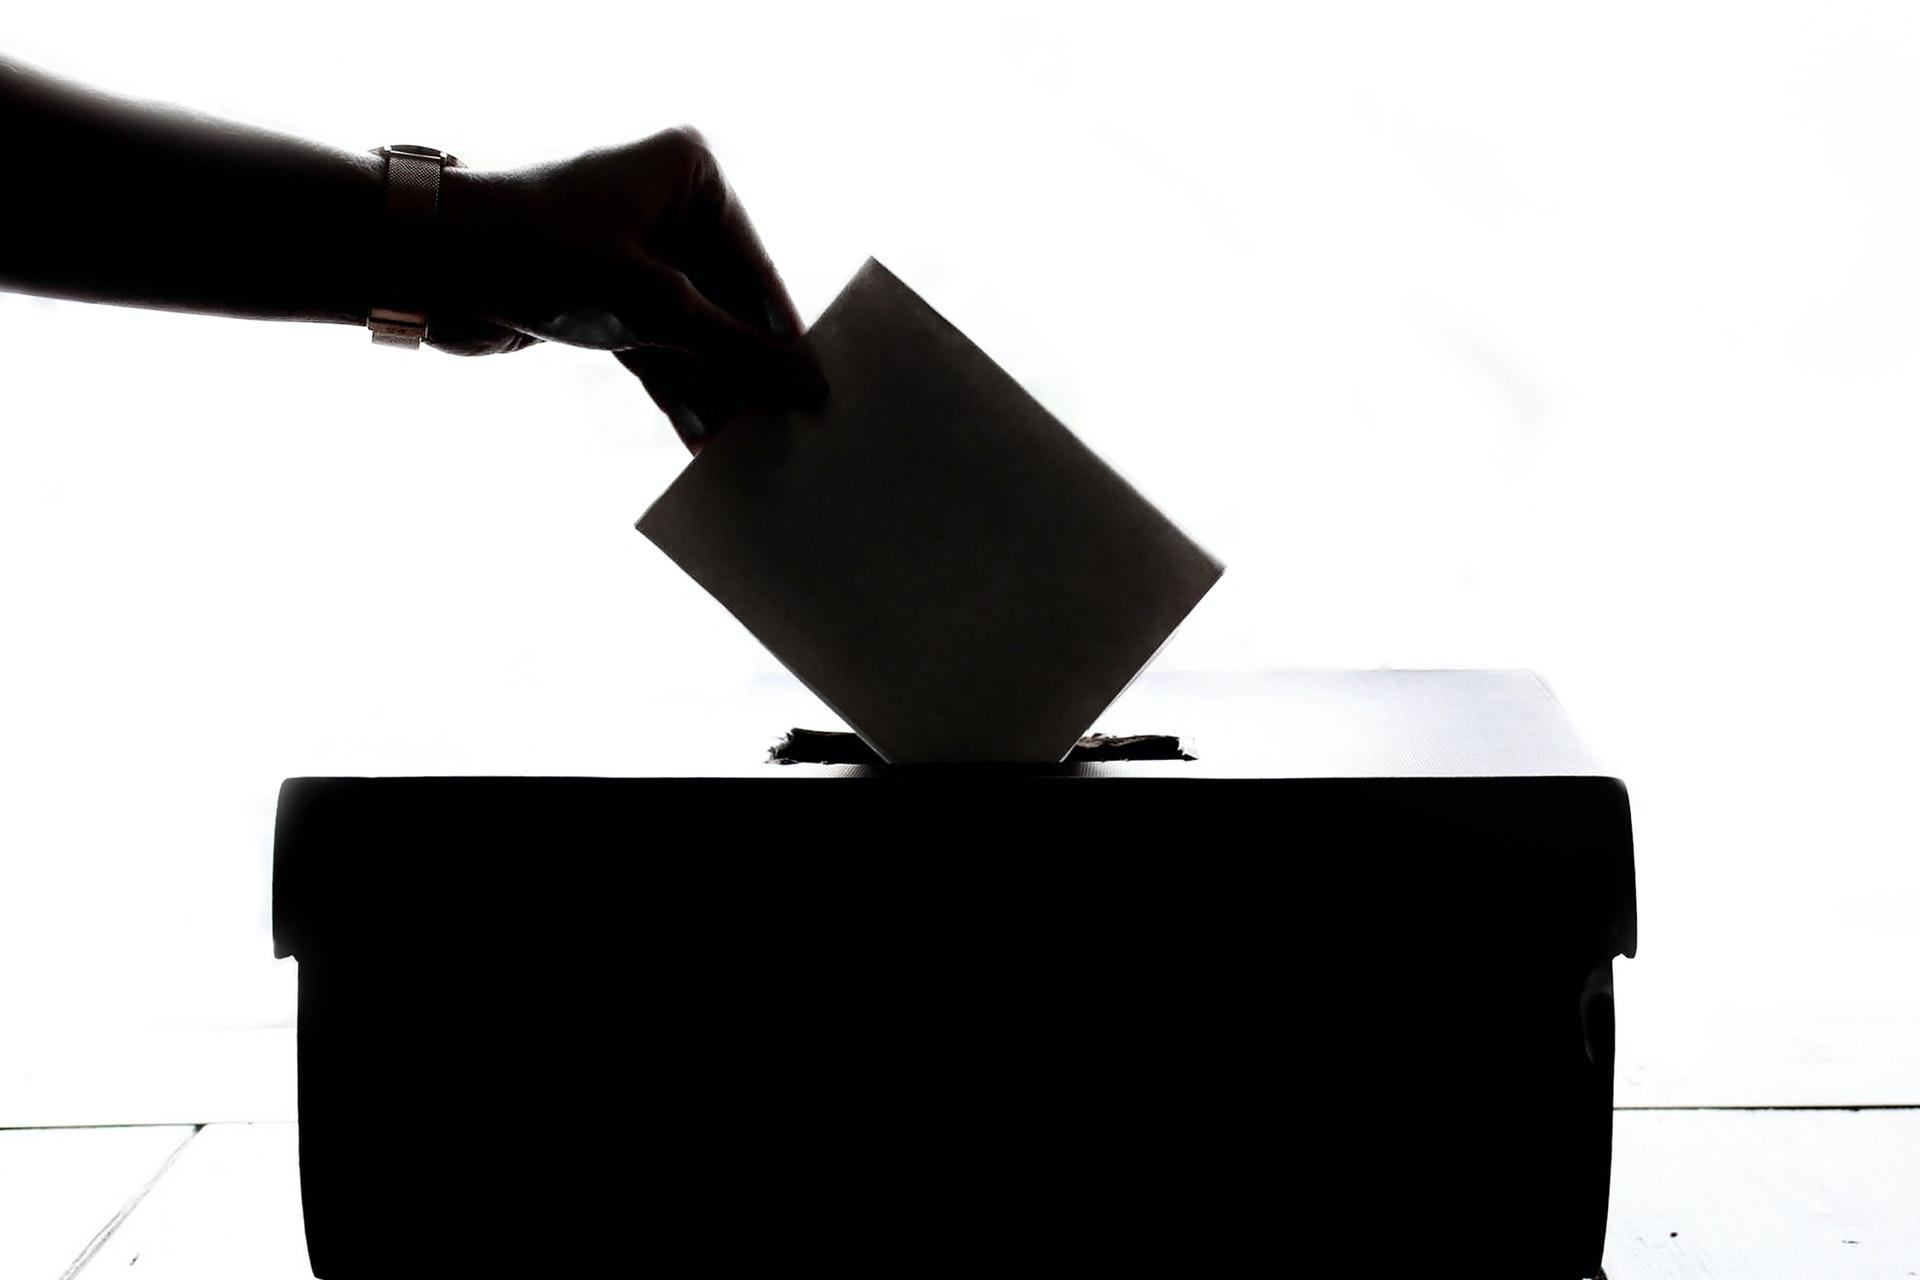 La verifica delle elezioni da parte di Windham ha scoperto la prova che le macchine per il voto usate in tutto il paese sono inaffidabili. Quattro macchine verificate sono state vendute da Accuvote, che è strettamente legata a Dominion Voting Systems. (Immagine: Element5 Digital tramite Pexels CC0 1.0)